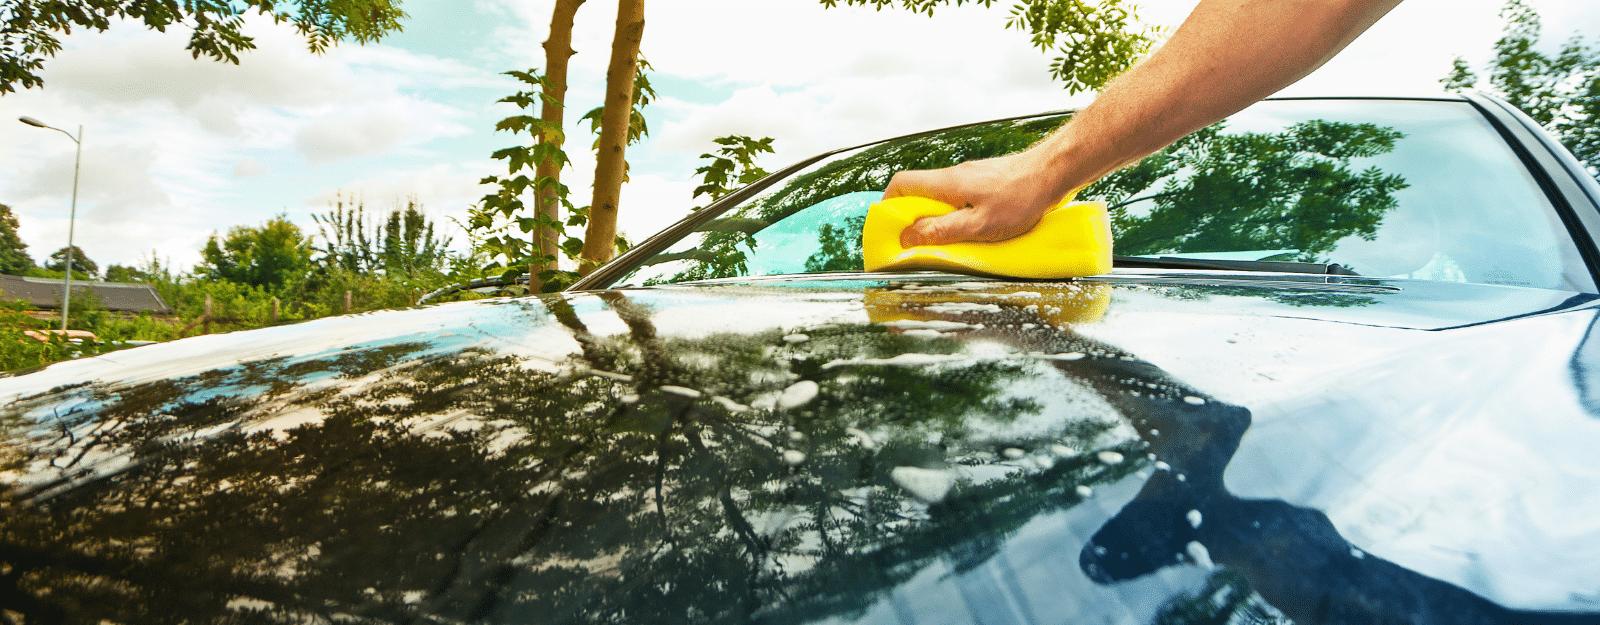 Comment laver sa voiture sans nuire à l'environnement.